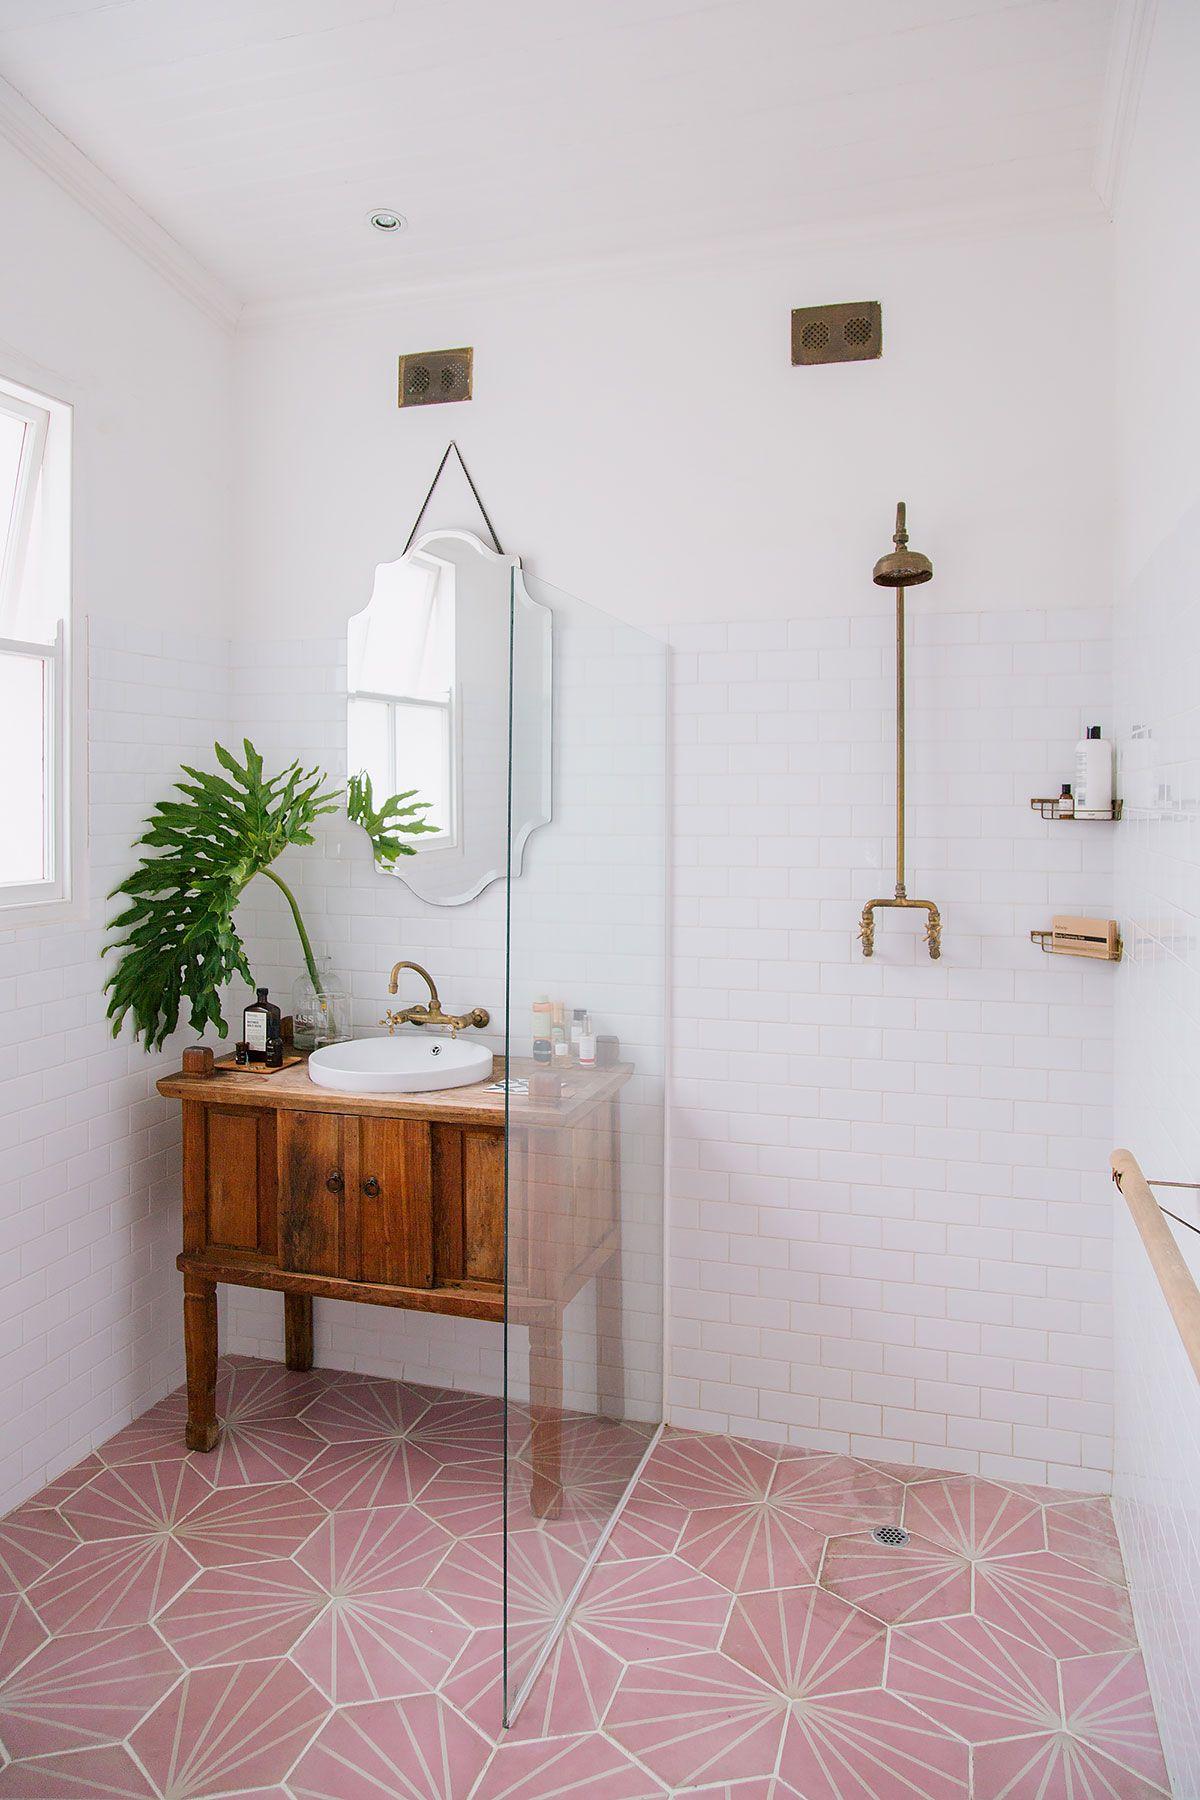 Stokperd House Rasmussen Scandinavian Bathroom Bathroom Floor Tiles Bathroom Design Small